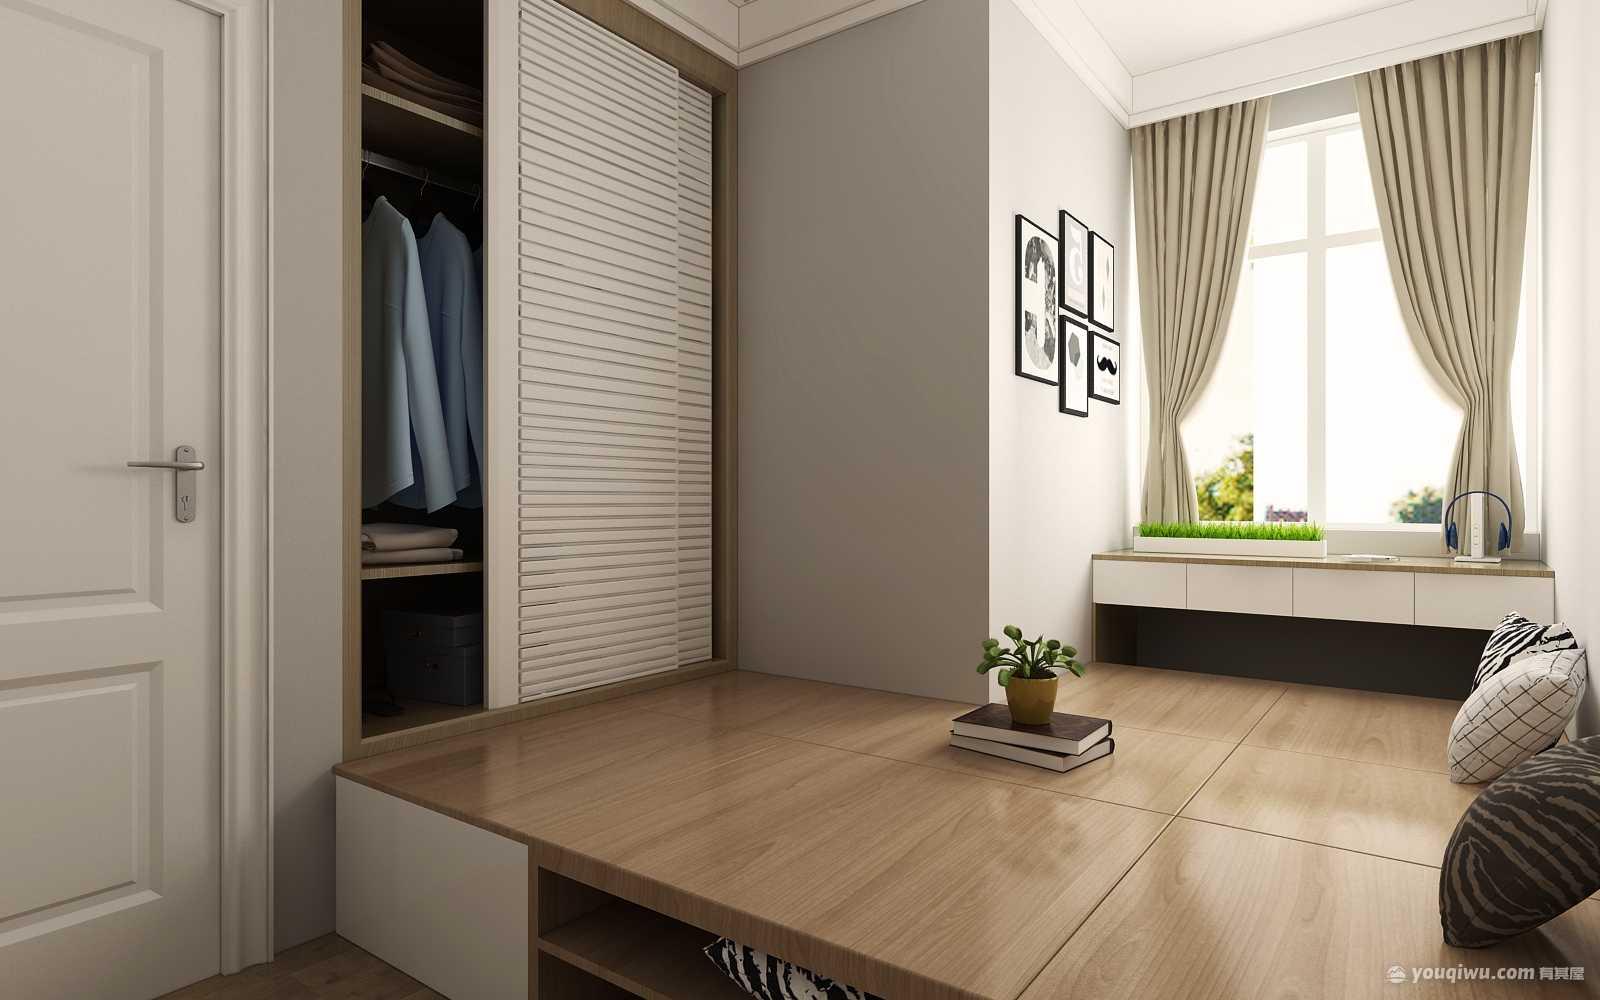 海信天山郡100平三室简约风格装修效果图 姜珊